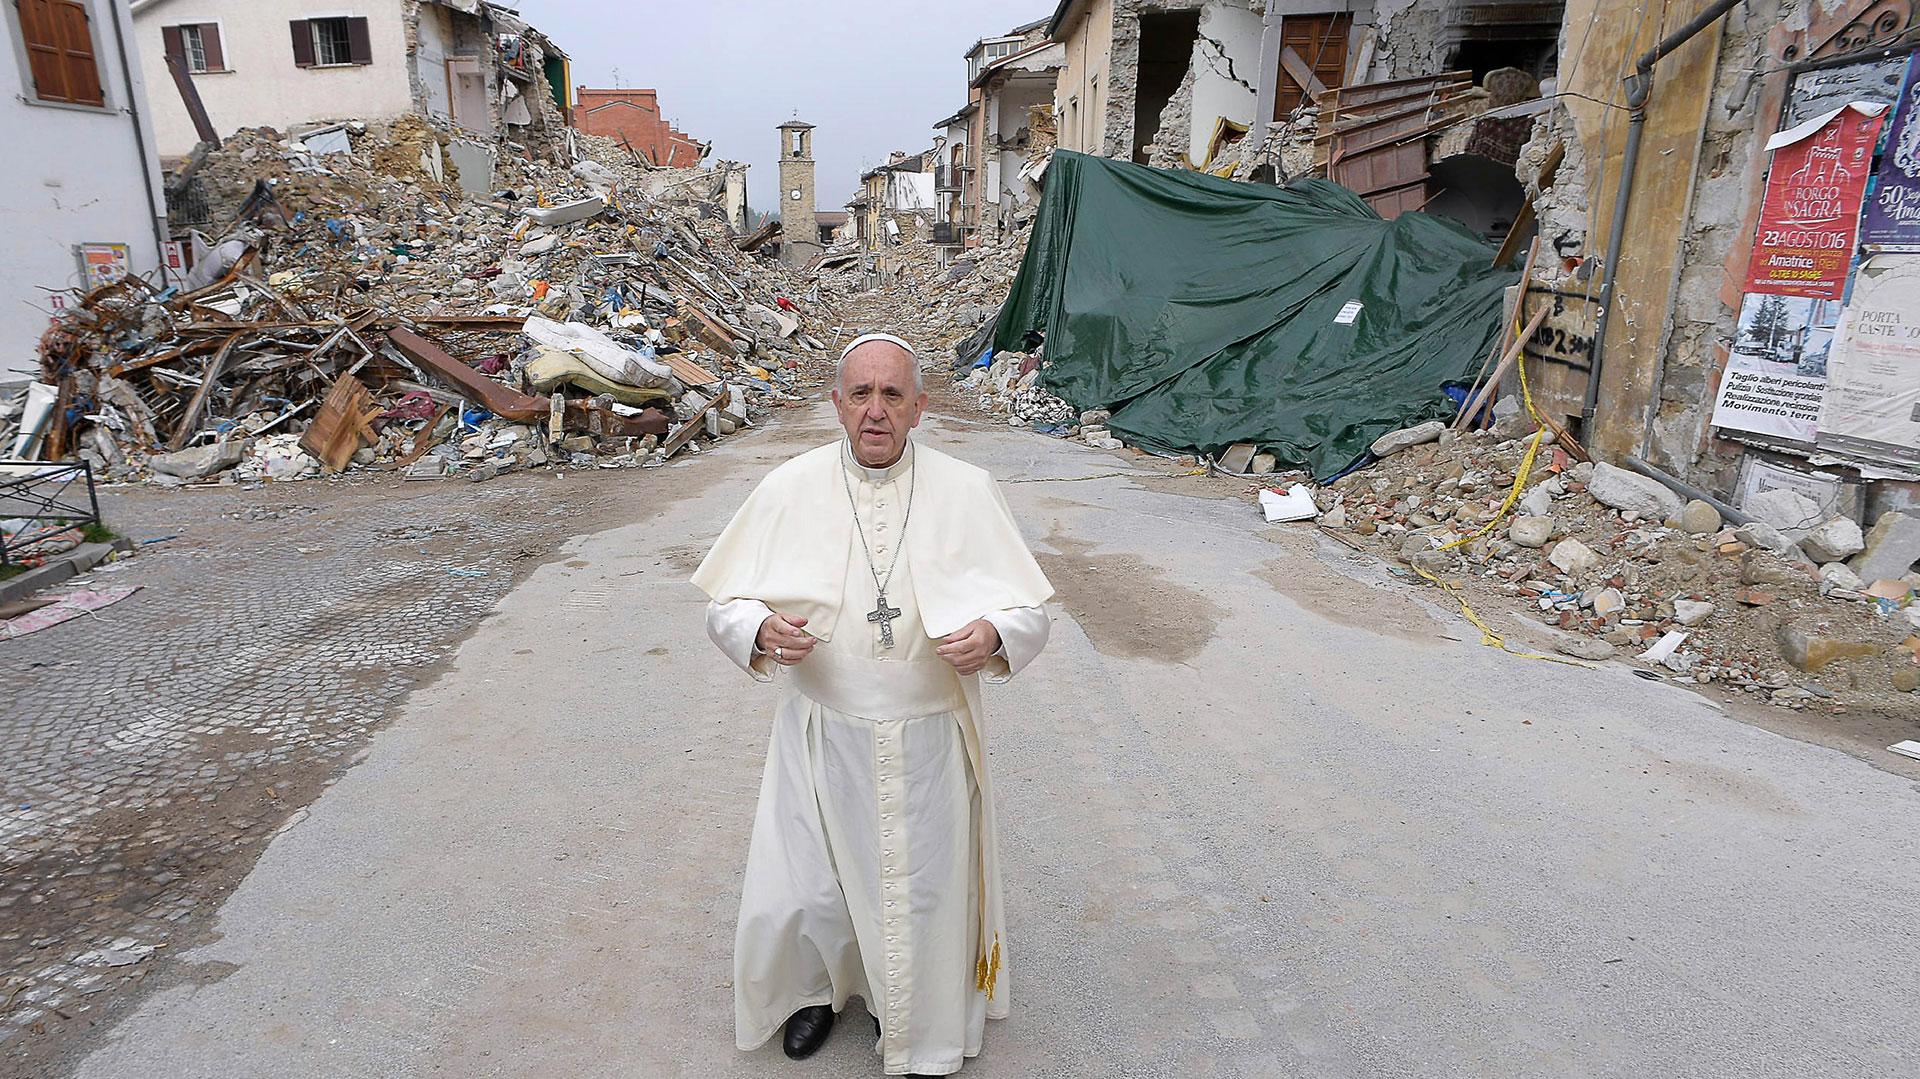 El 4 de octubre de 2016, el papa Francisco realizó una visita sorpresa a Amatrice, ciudad italiana arrasada por un terremoto el 24 de agosto de ese mismo año